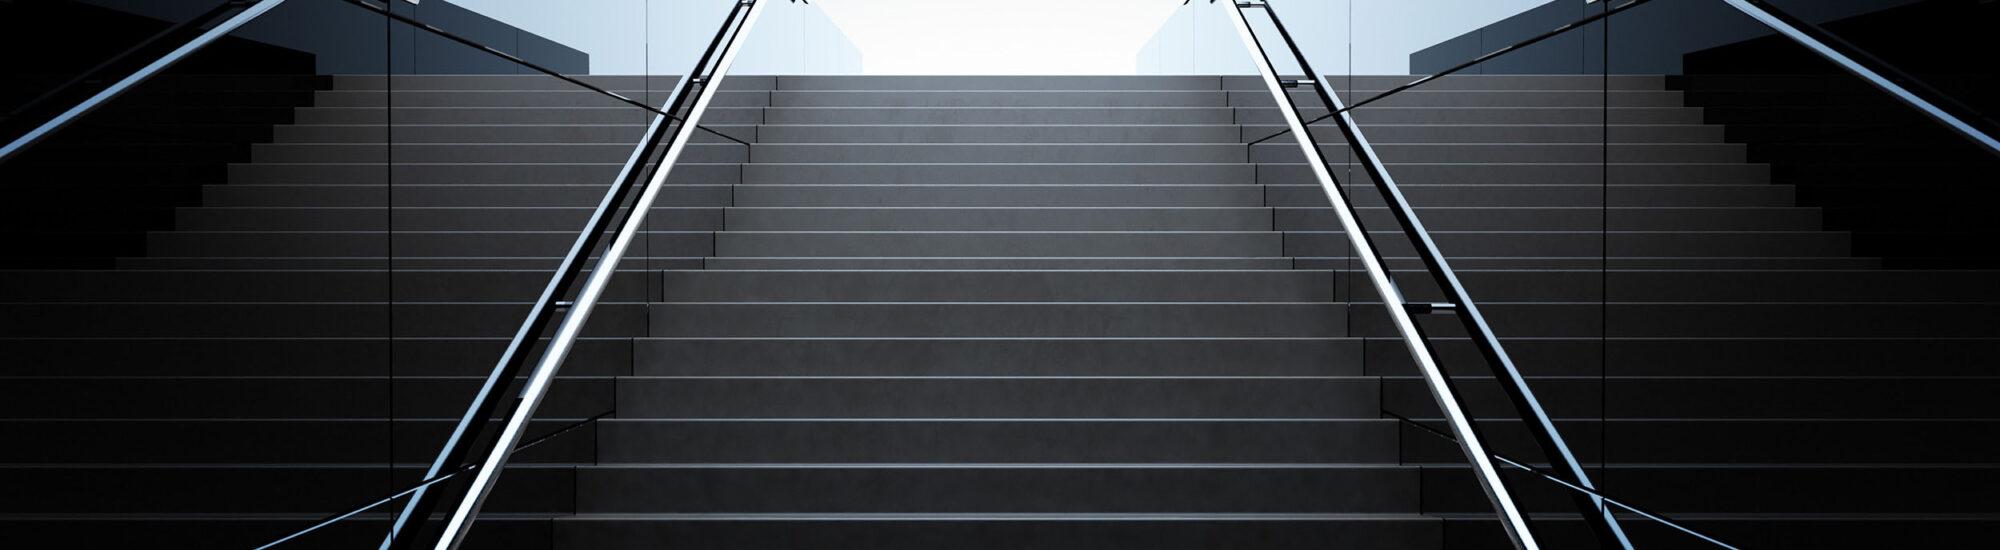 Empty black stairs in pedestrian subway. 3D Render